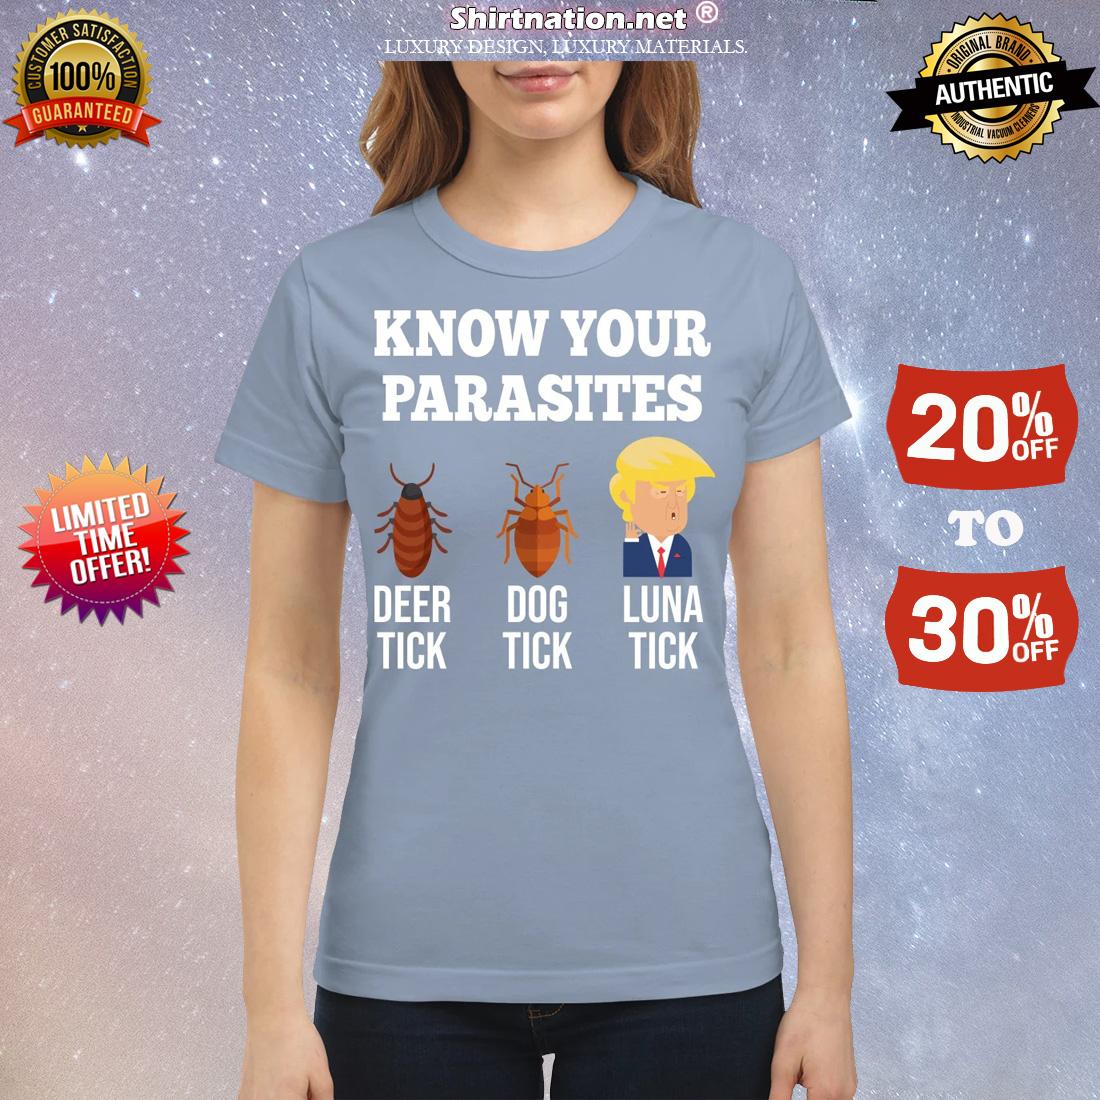 Know your parasites deer tick dog tick luna tick Trump classic shirt